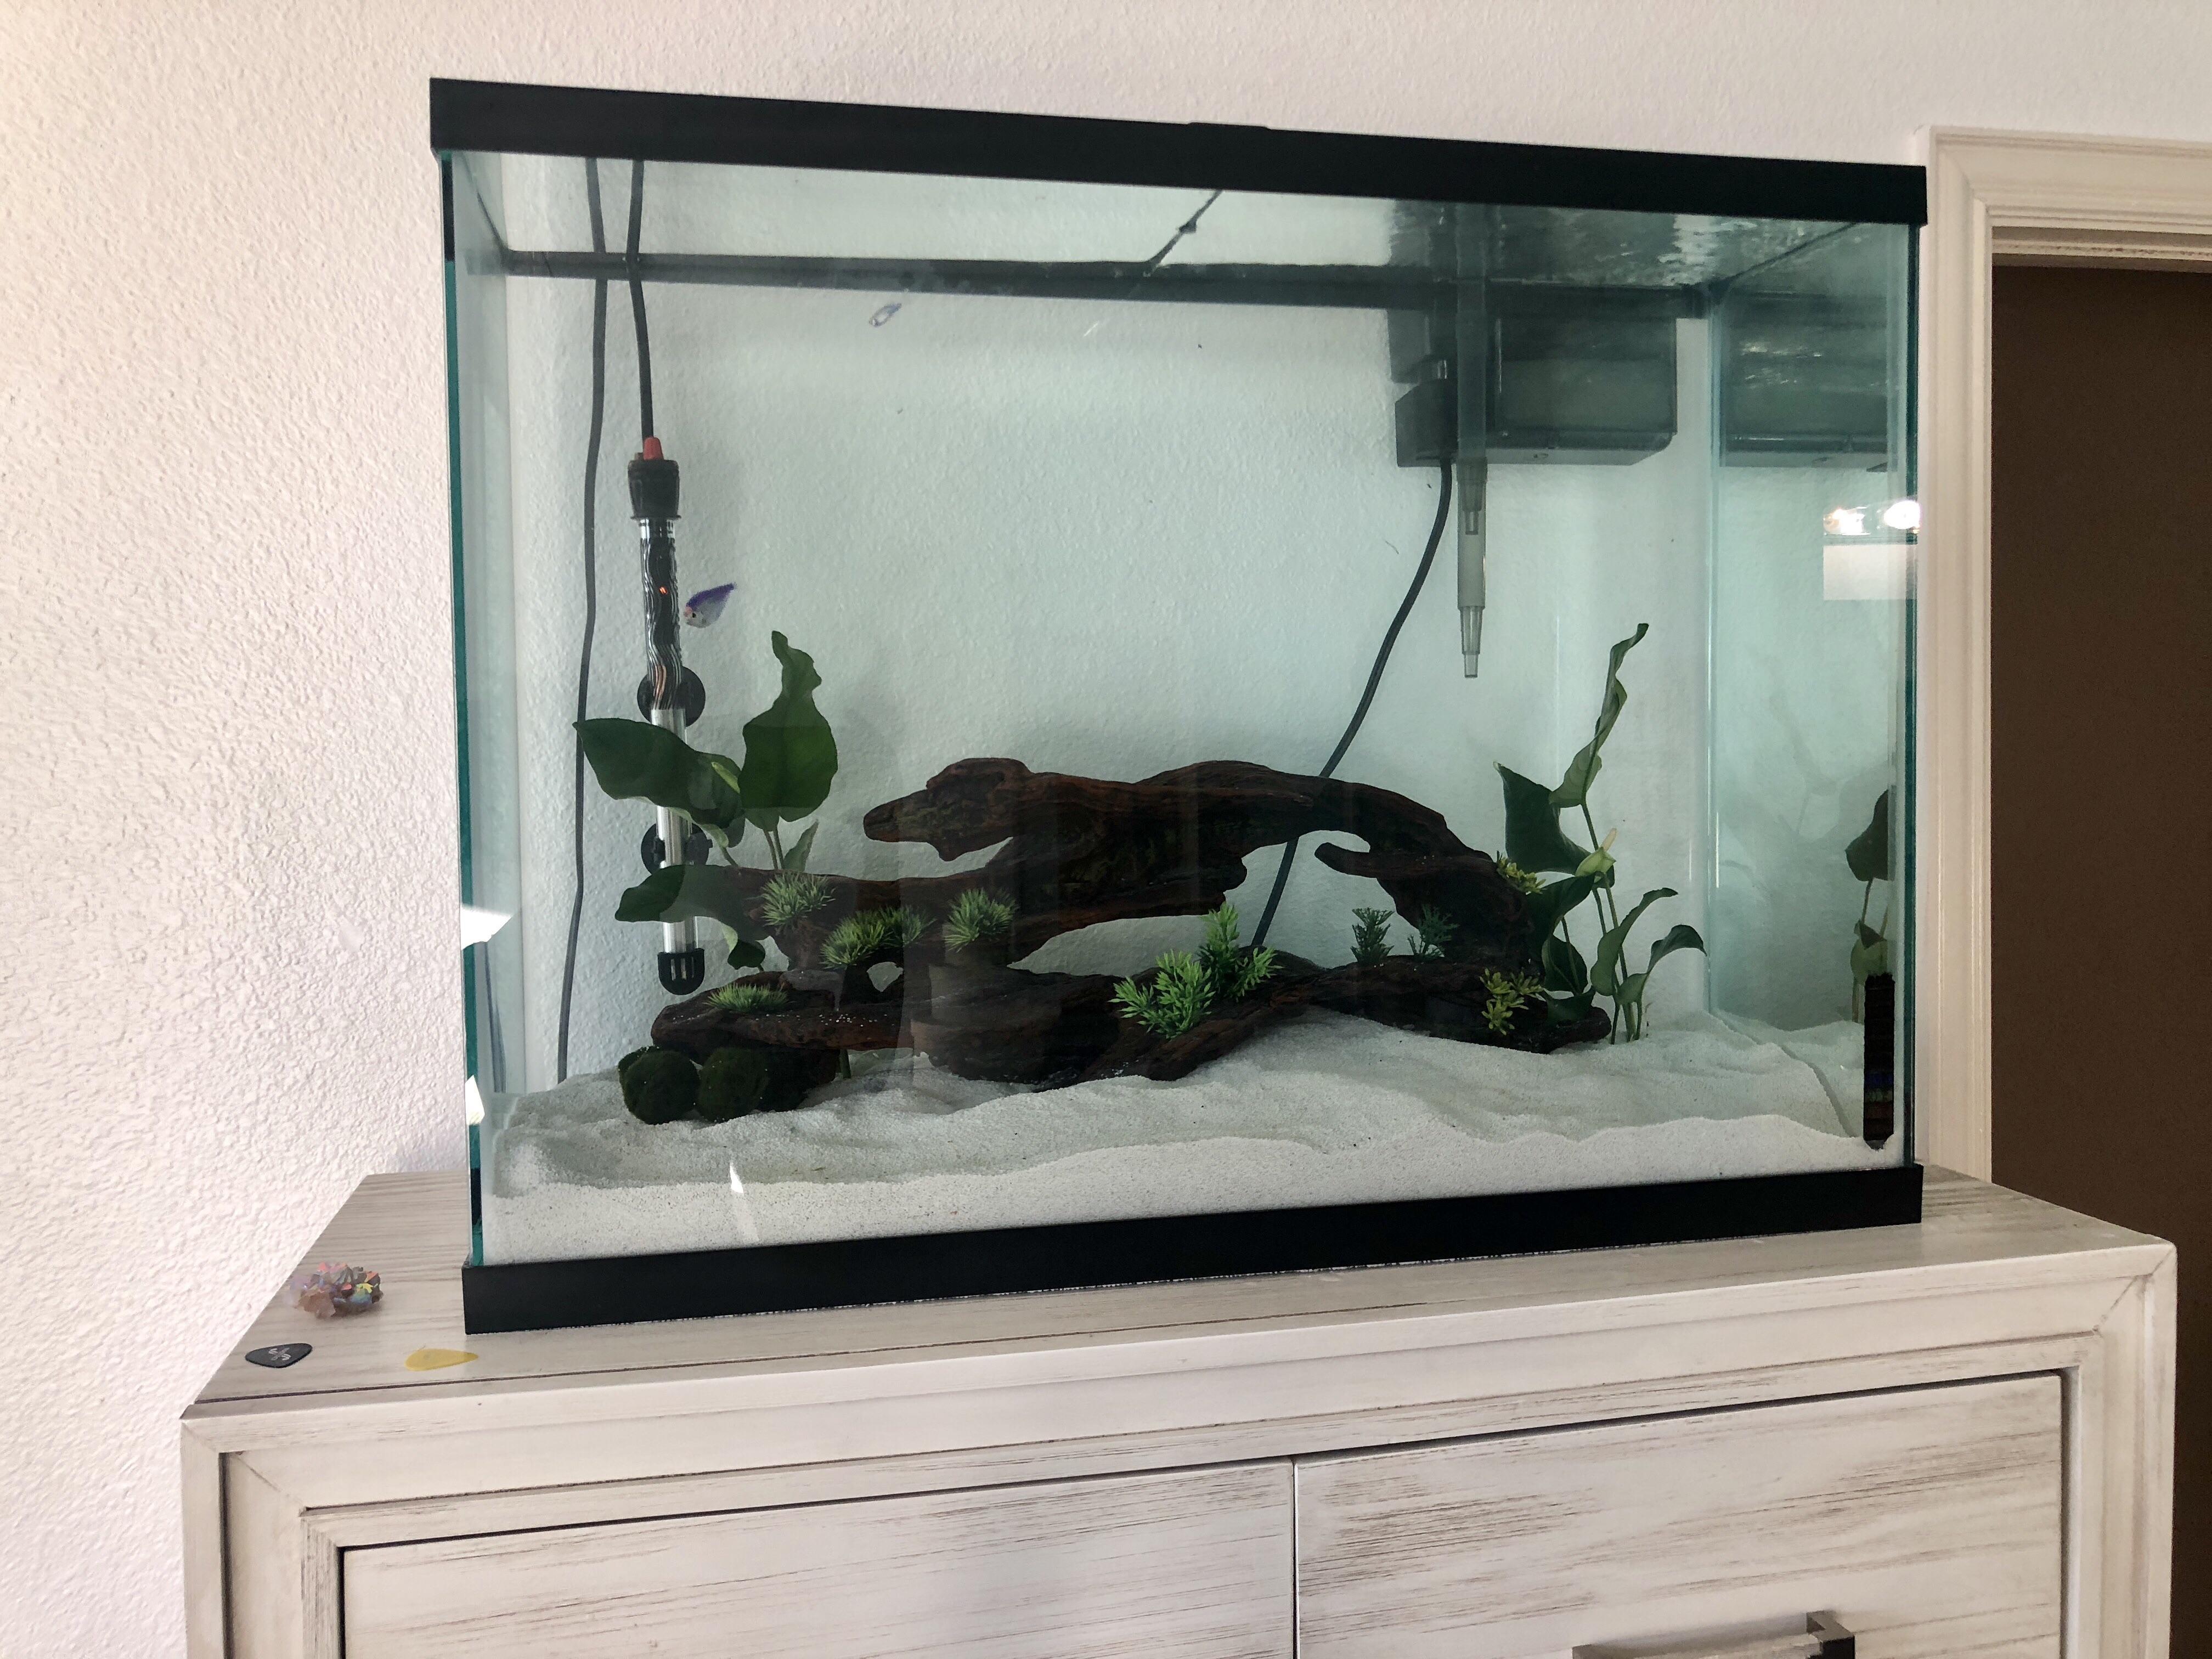 setting up of a 37 gallon aquarium